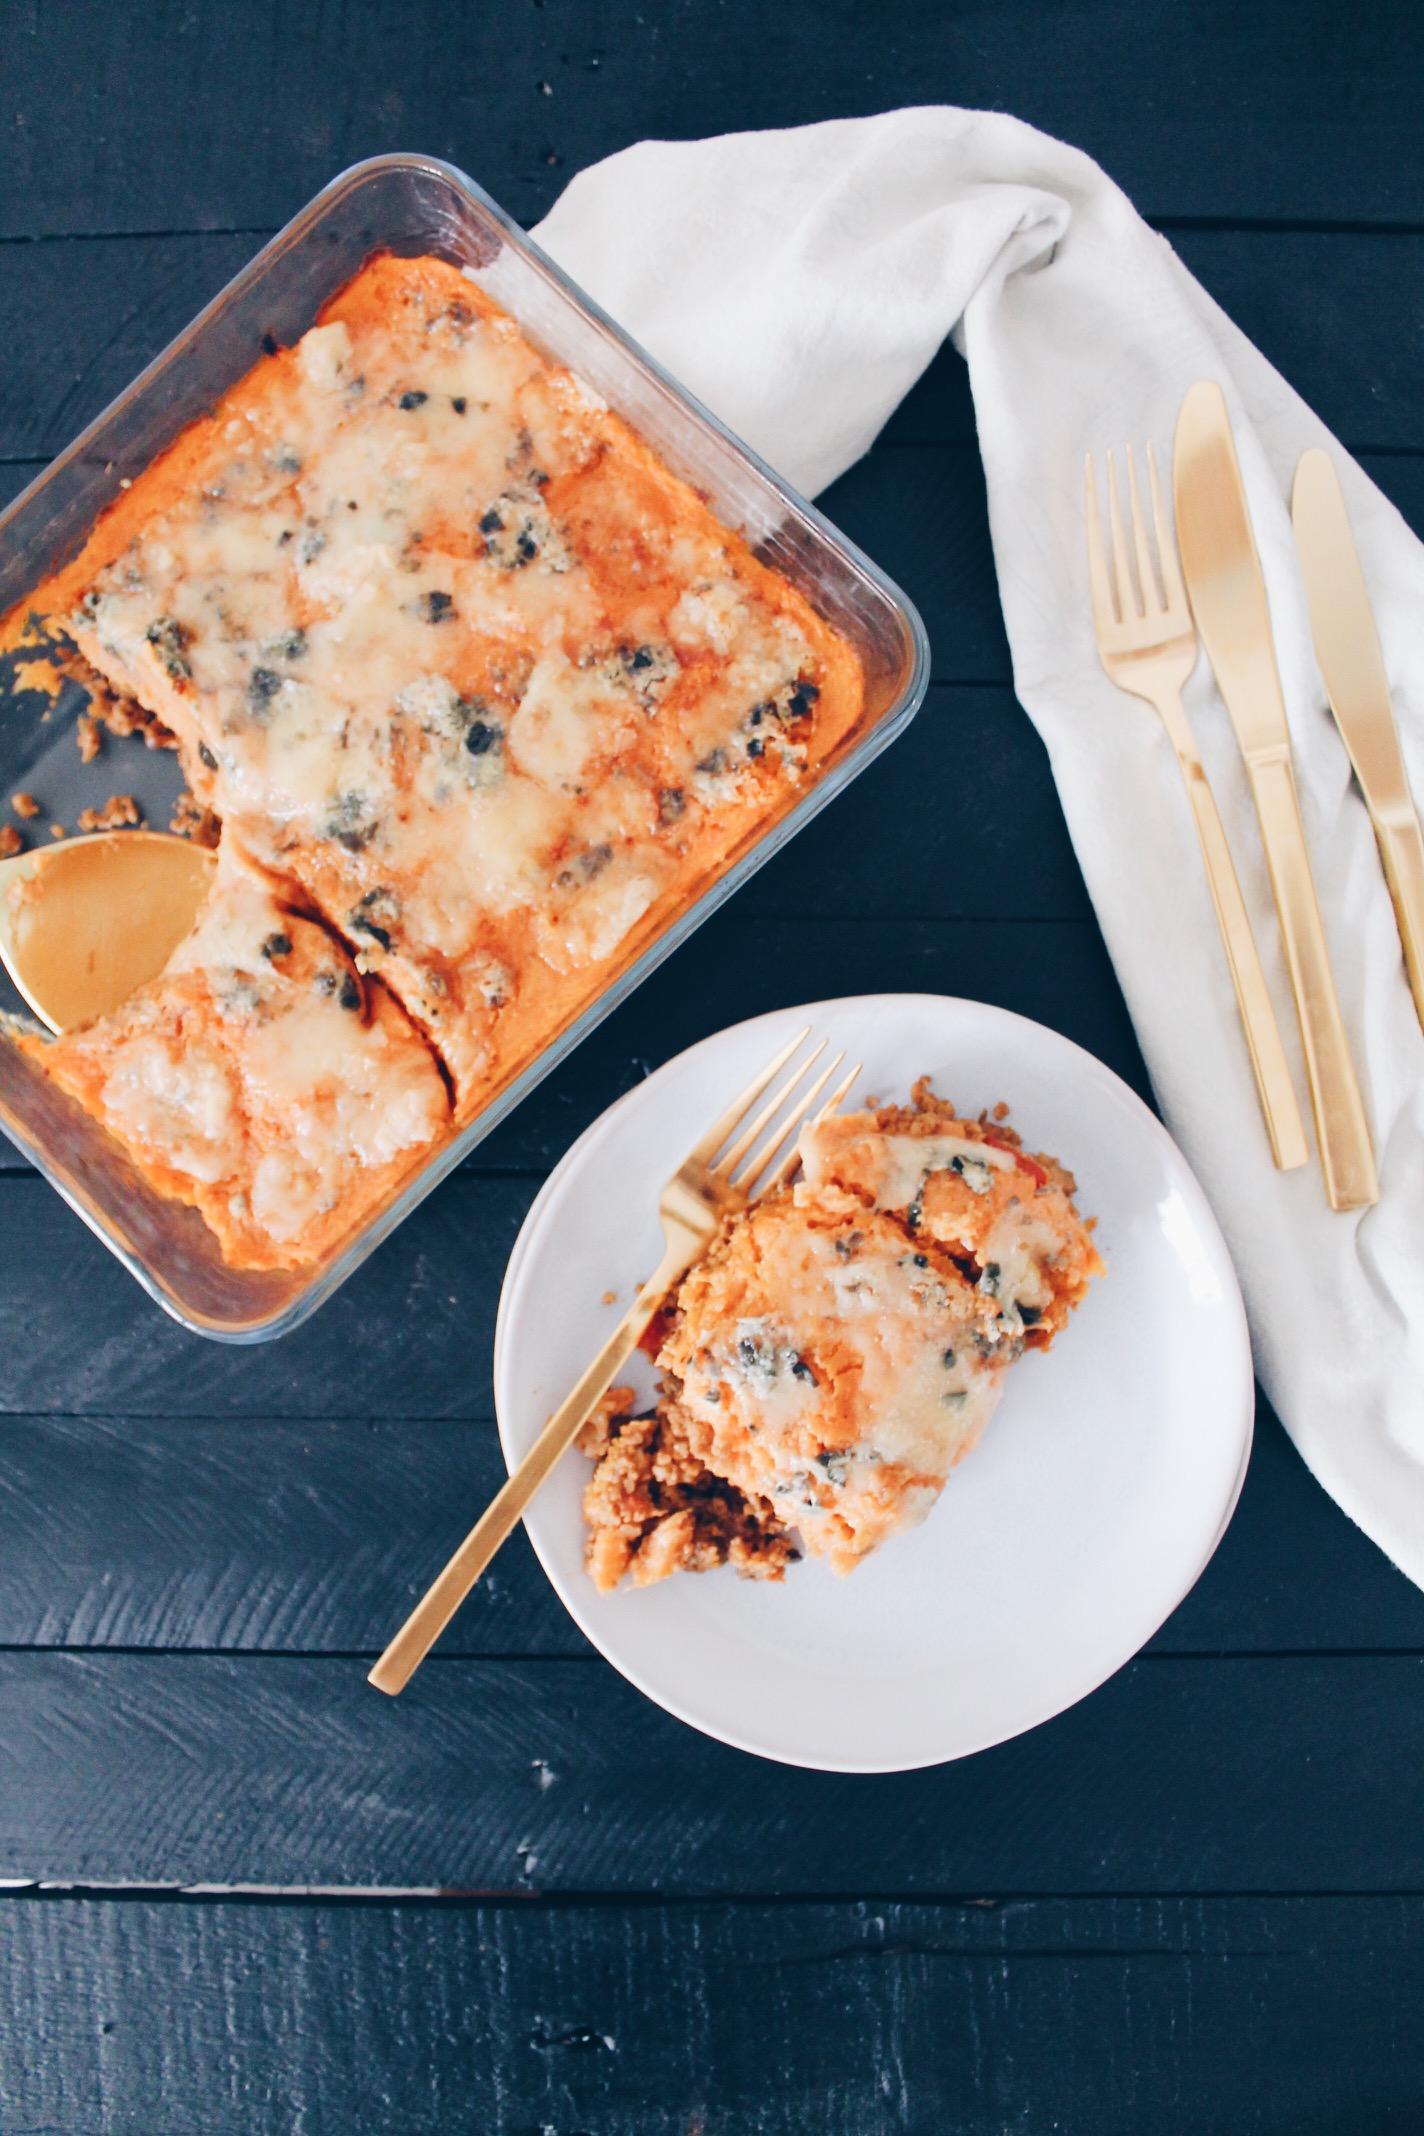 Recette de hachis parmentier végétarien au haché de seitan et à la purée de patate douce sur le blog laualamenthe.com